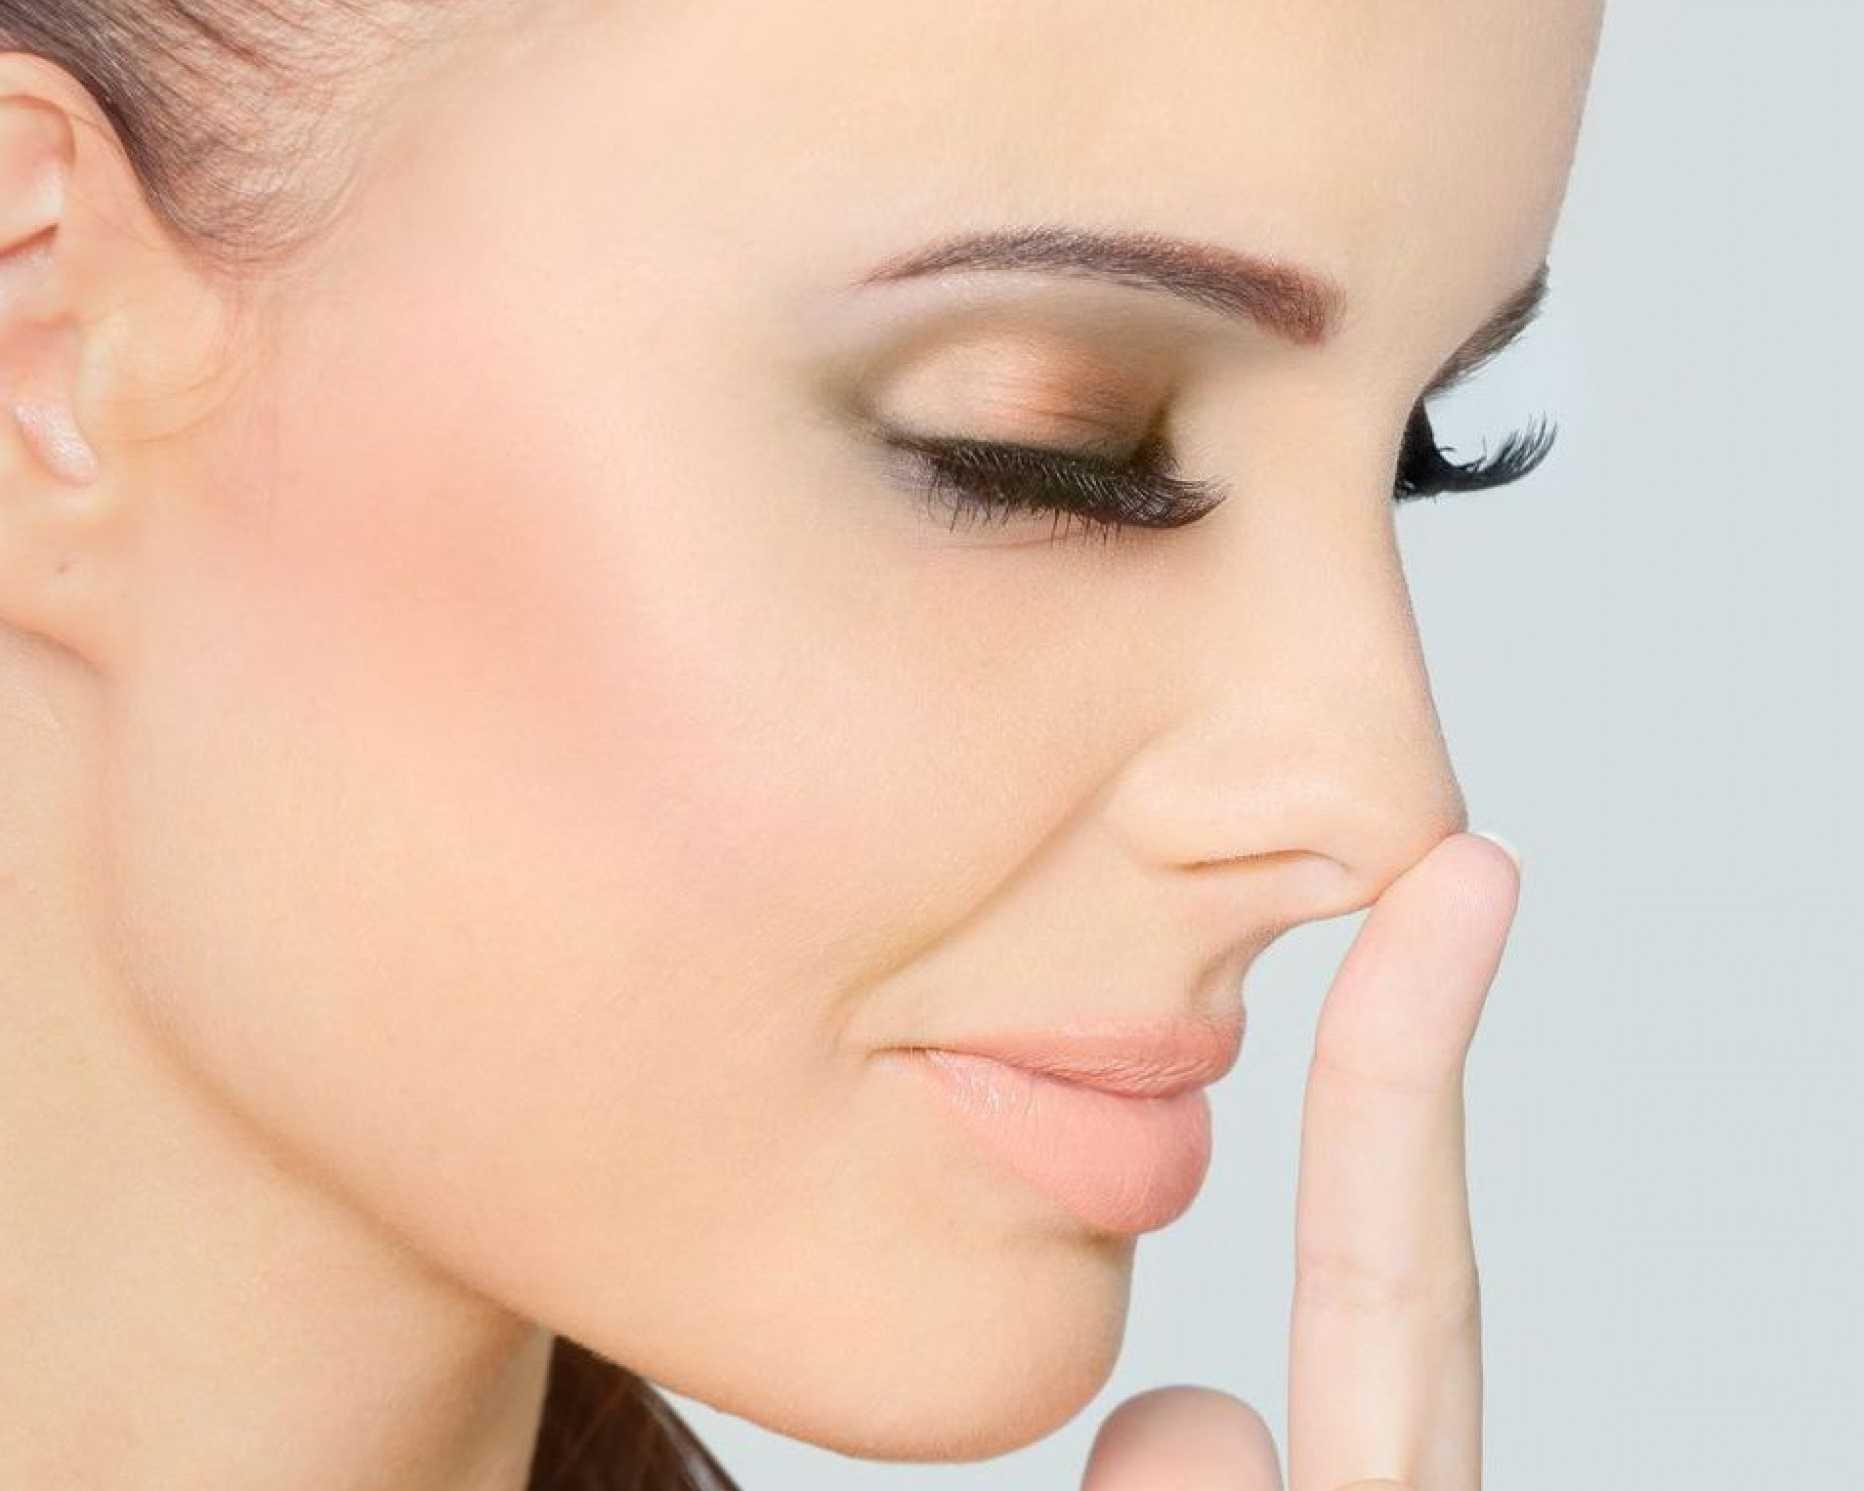 Как убрать кончик носа в домашних условиях